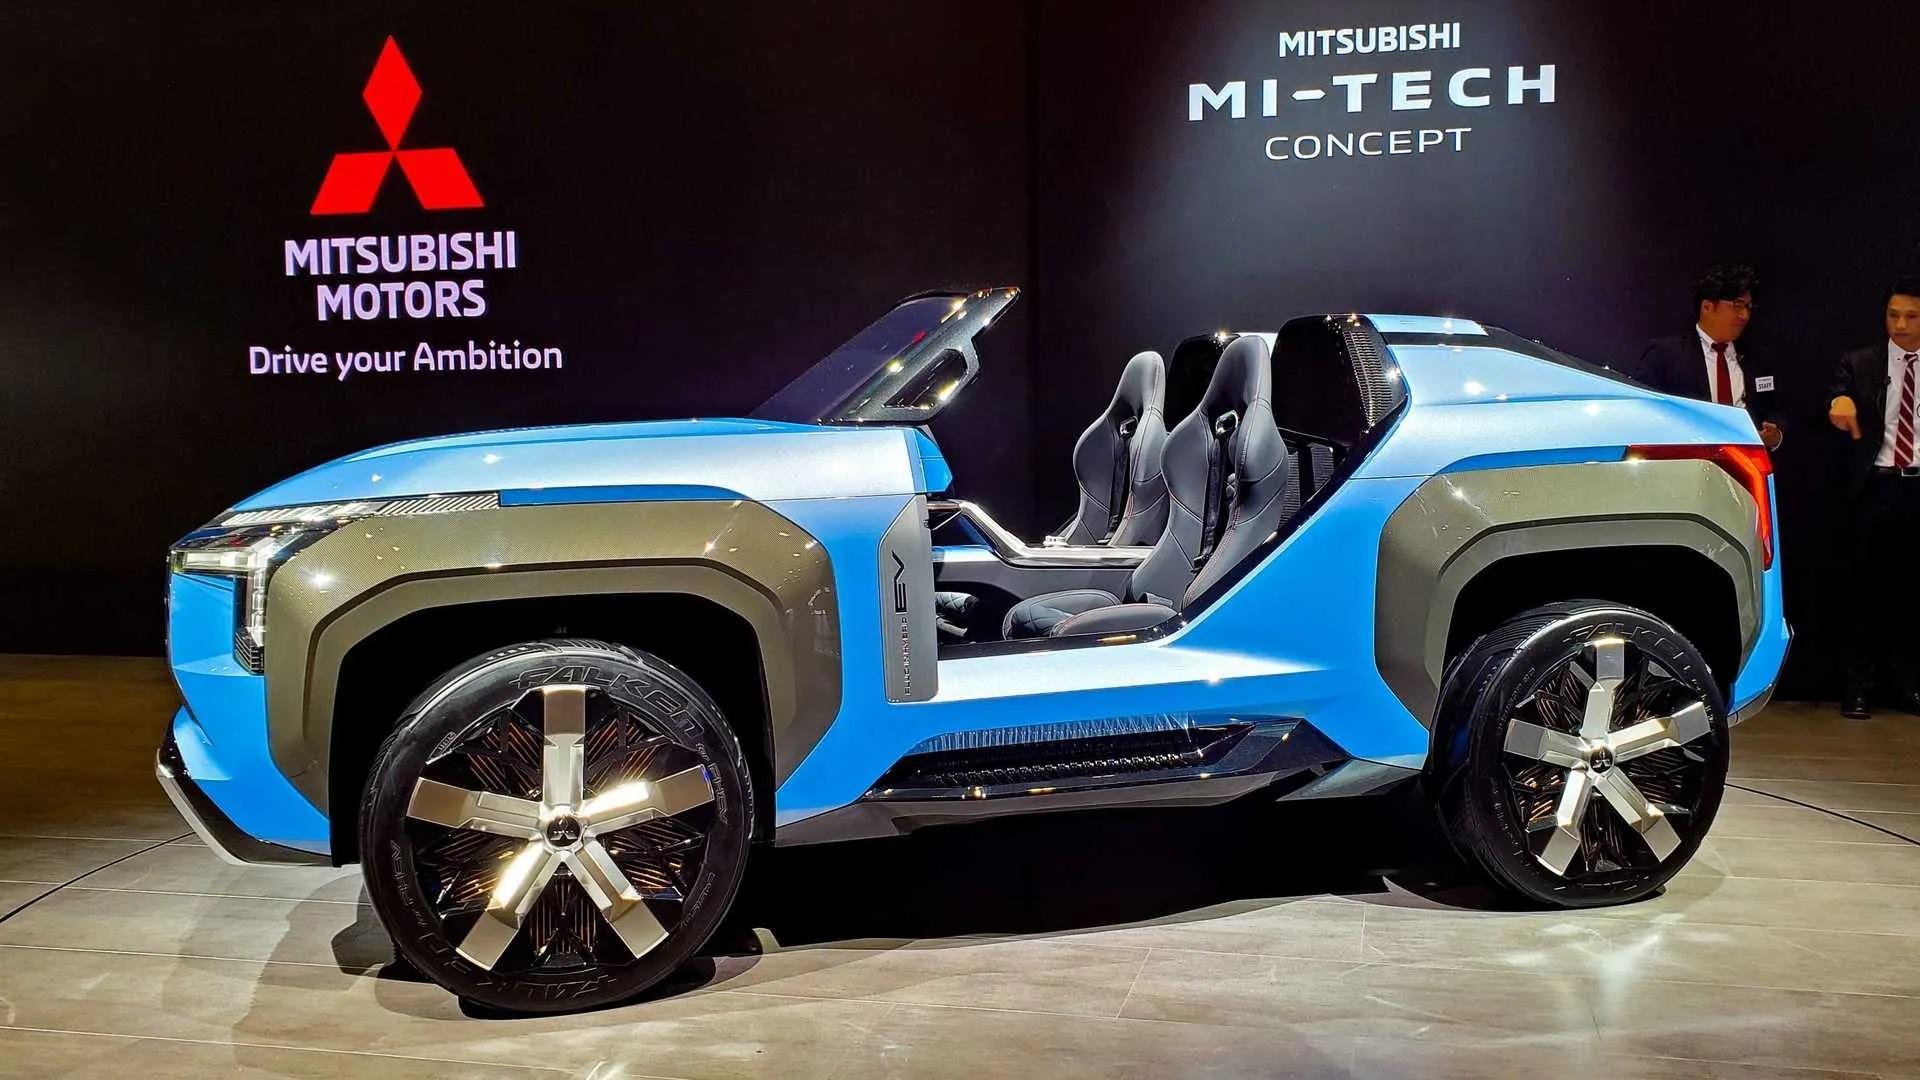 O simpático Mi-Tech abriu alas para a eletrificação dos Mitsubishi